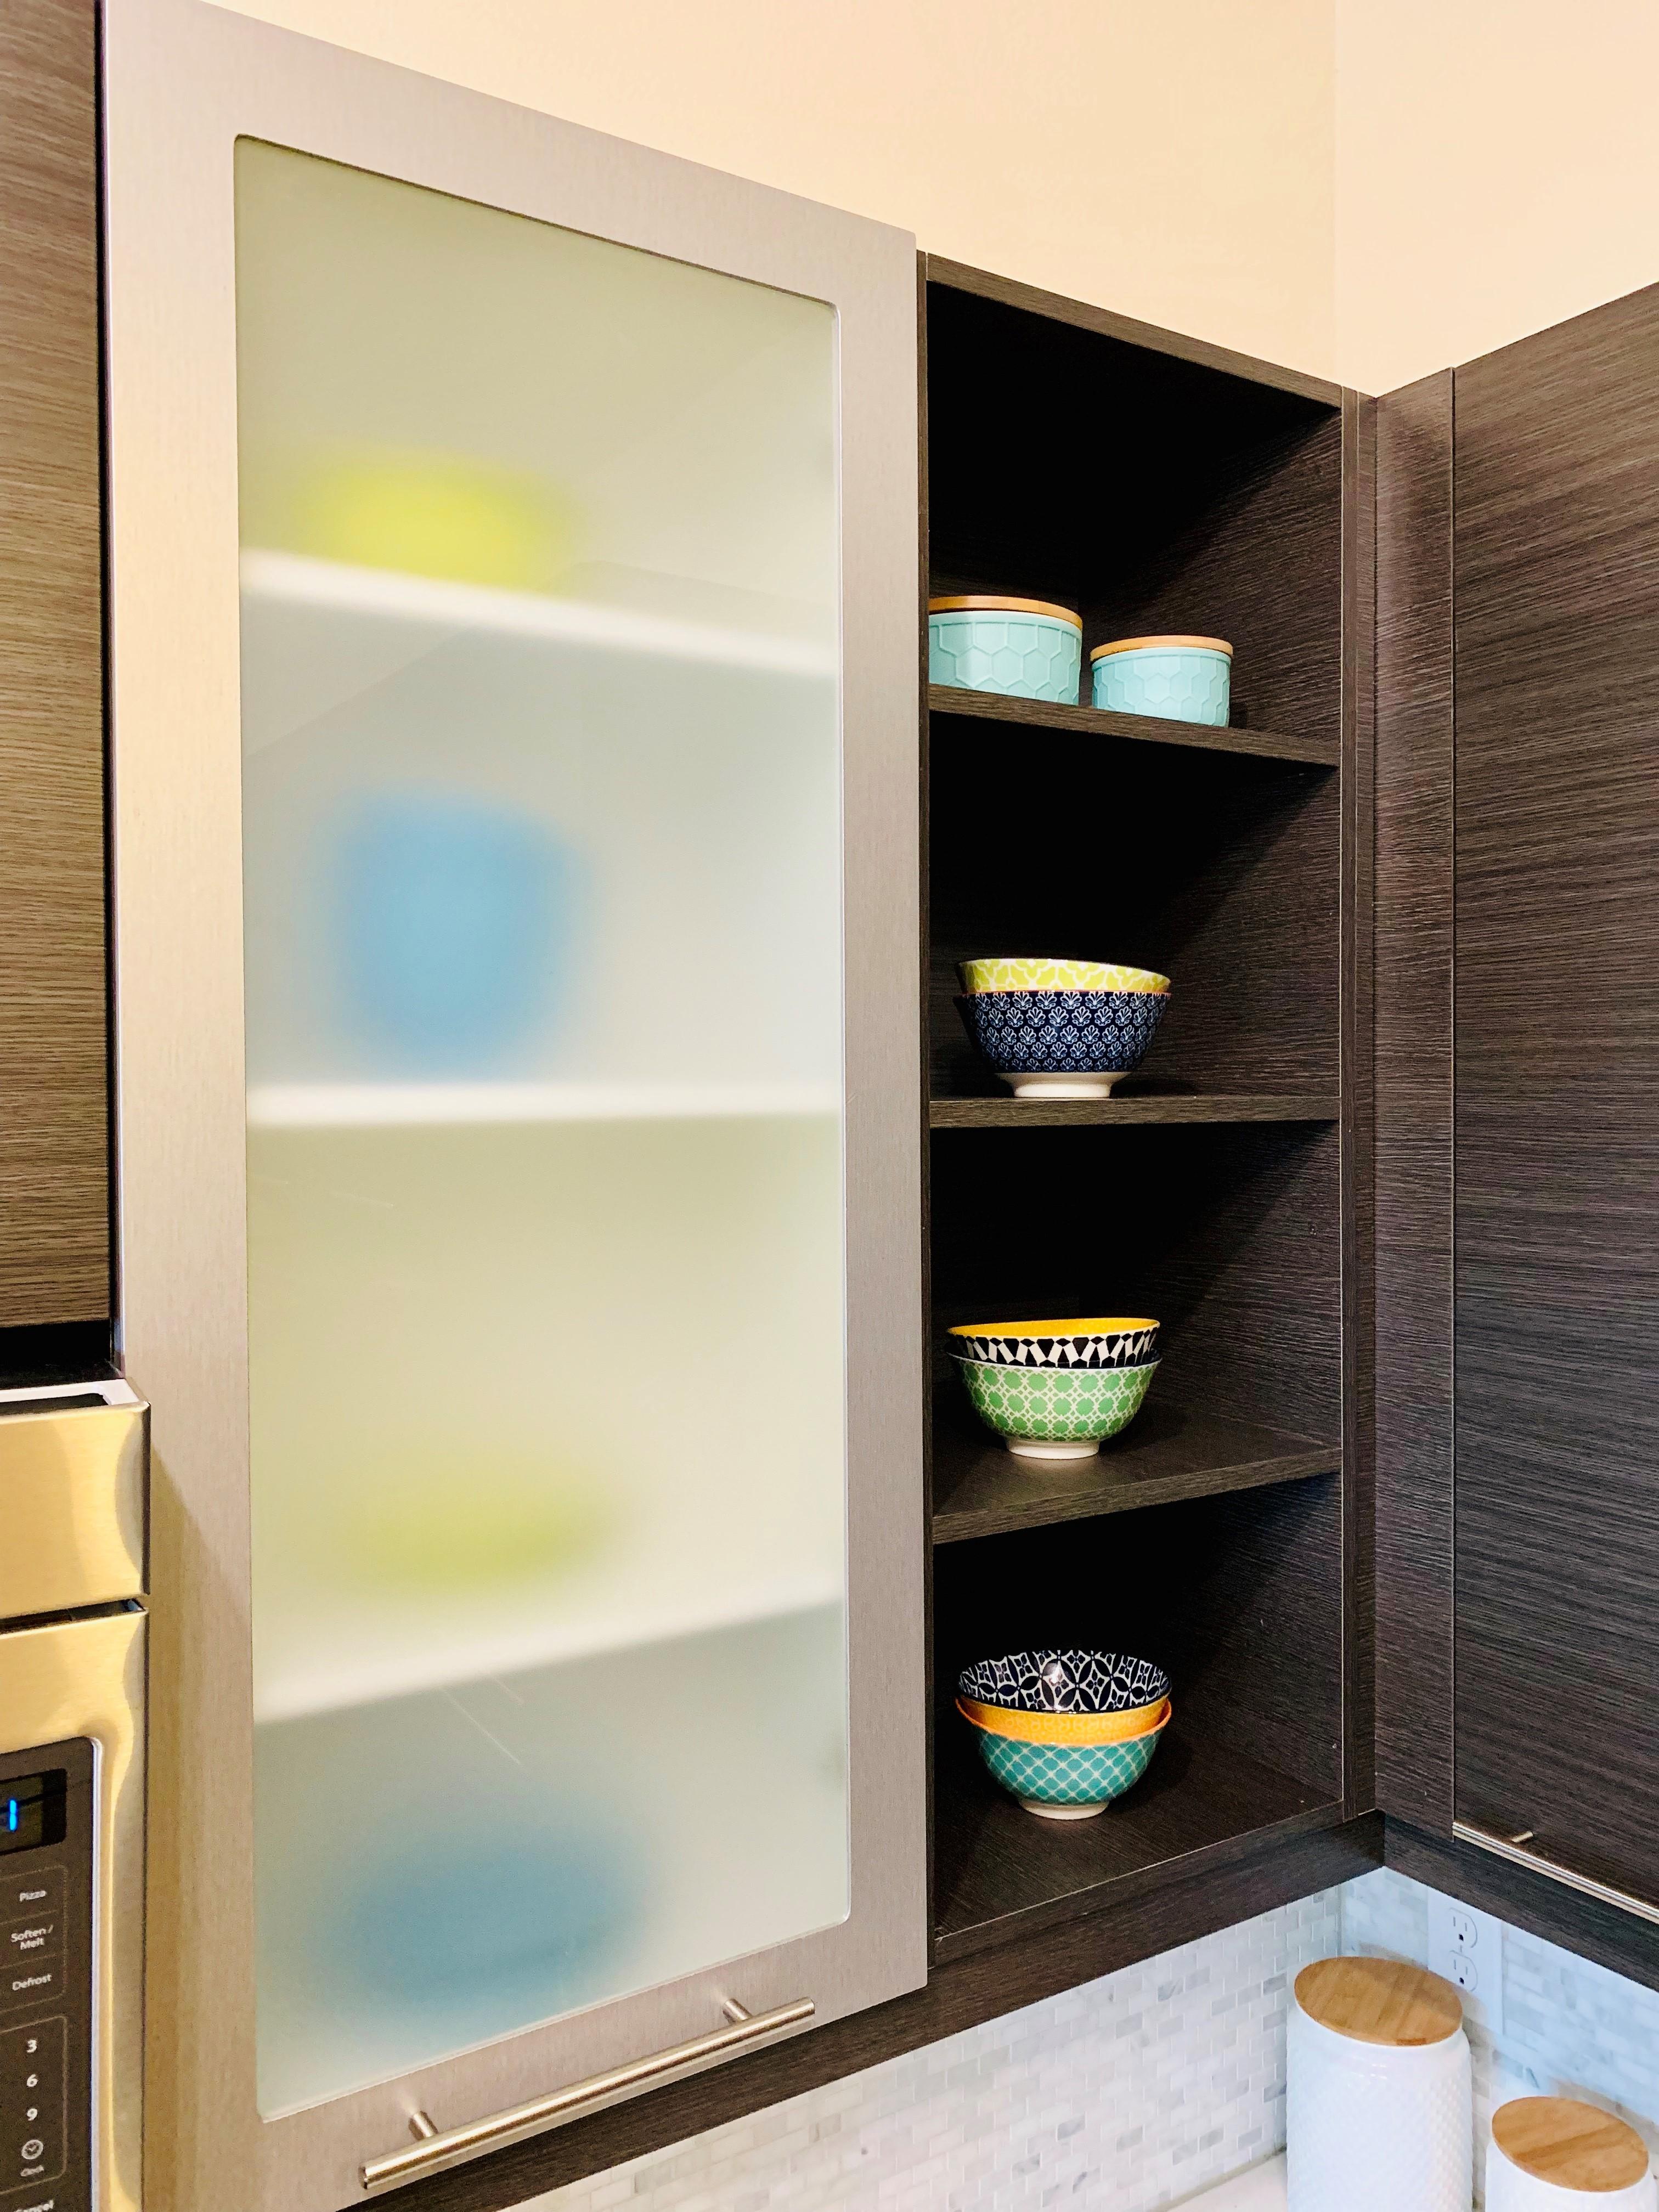 Utlizing Cabinets